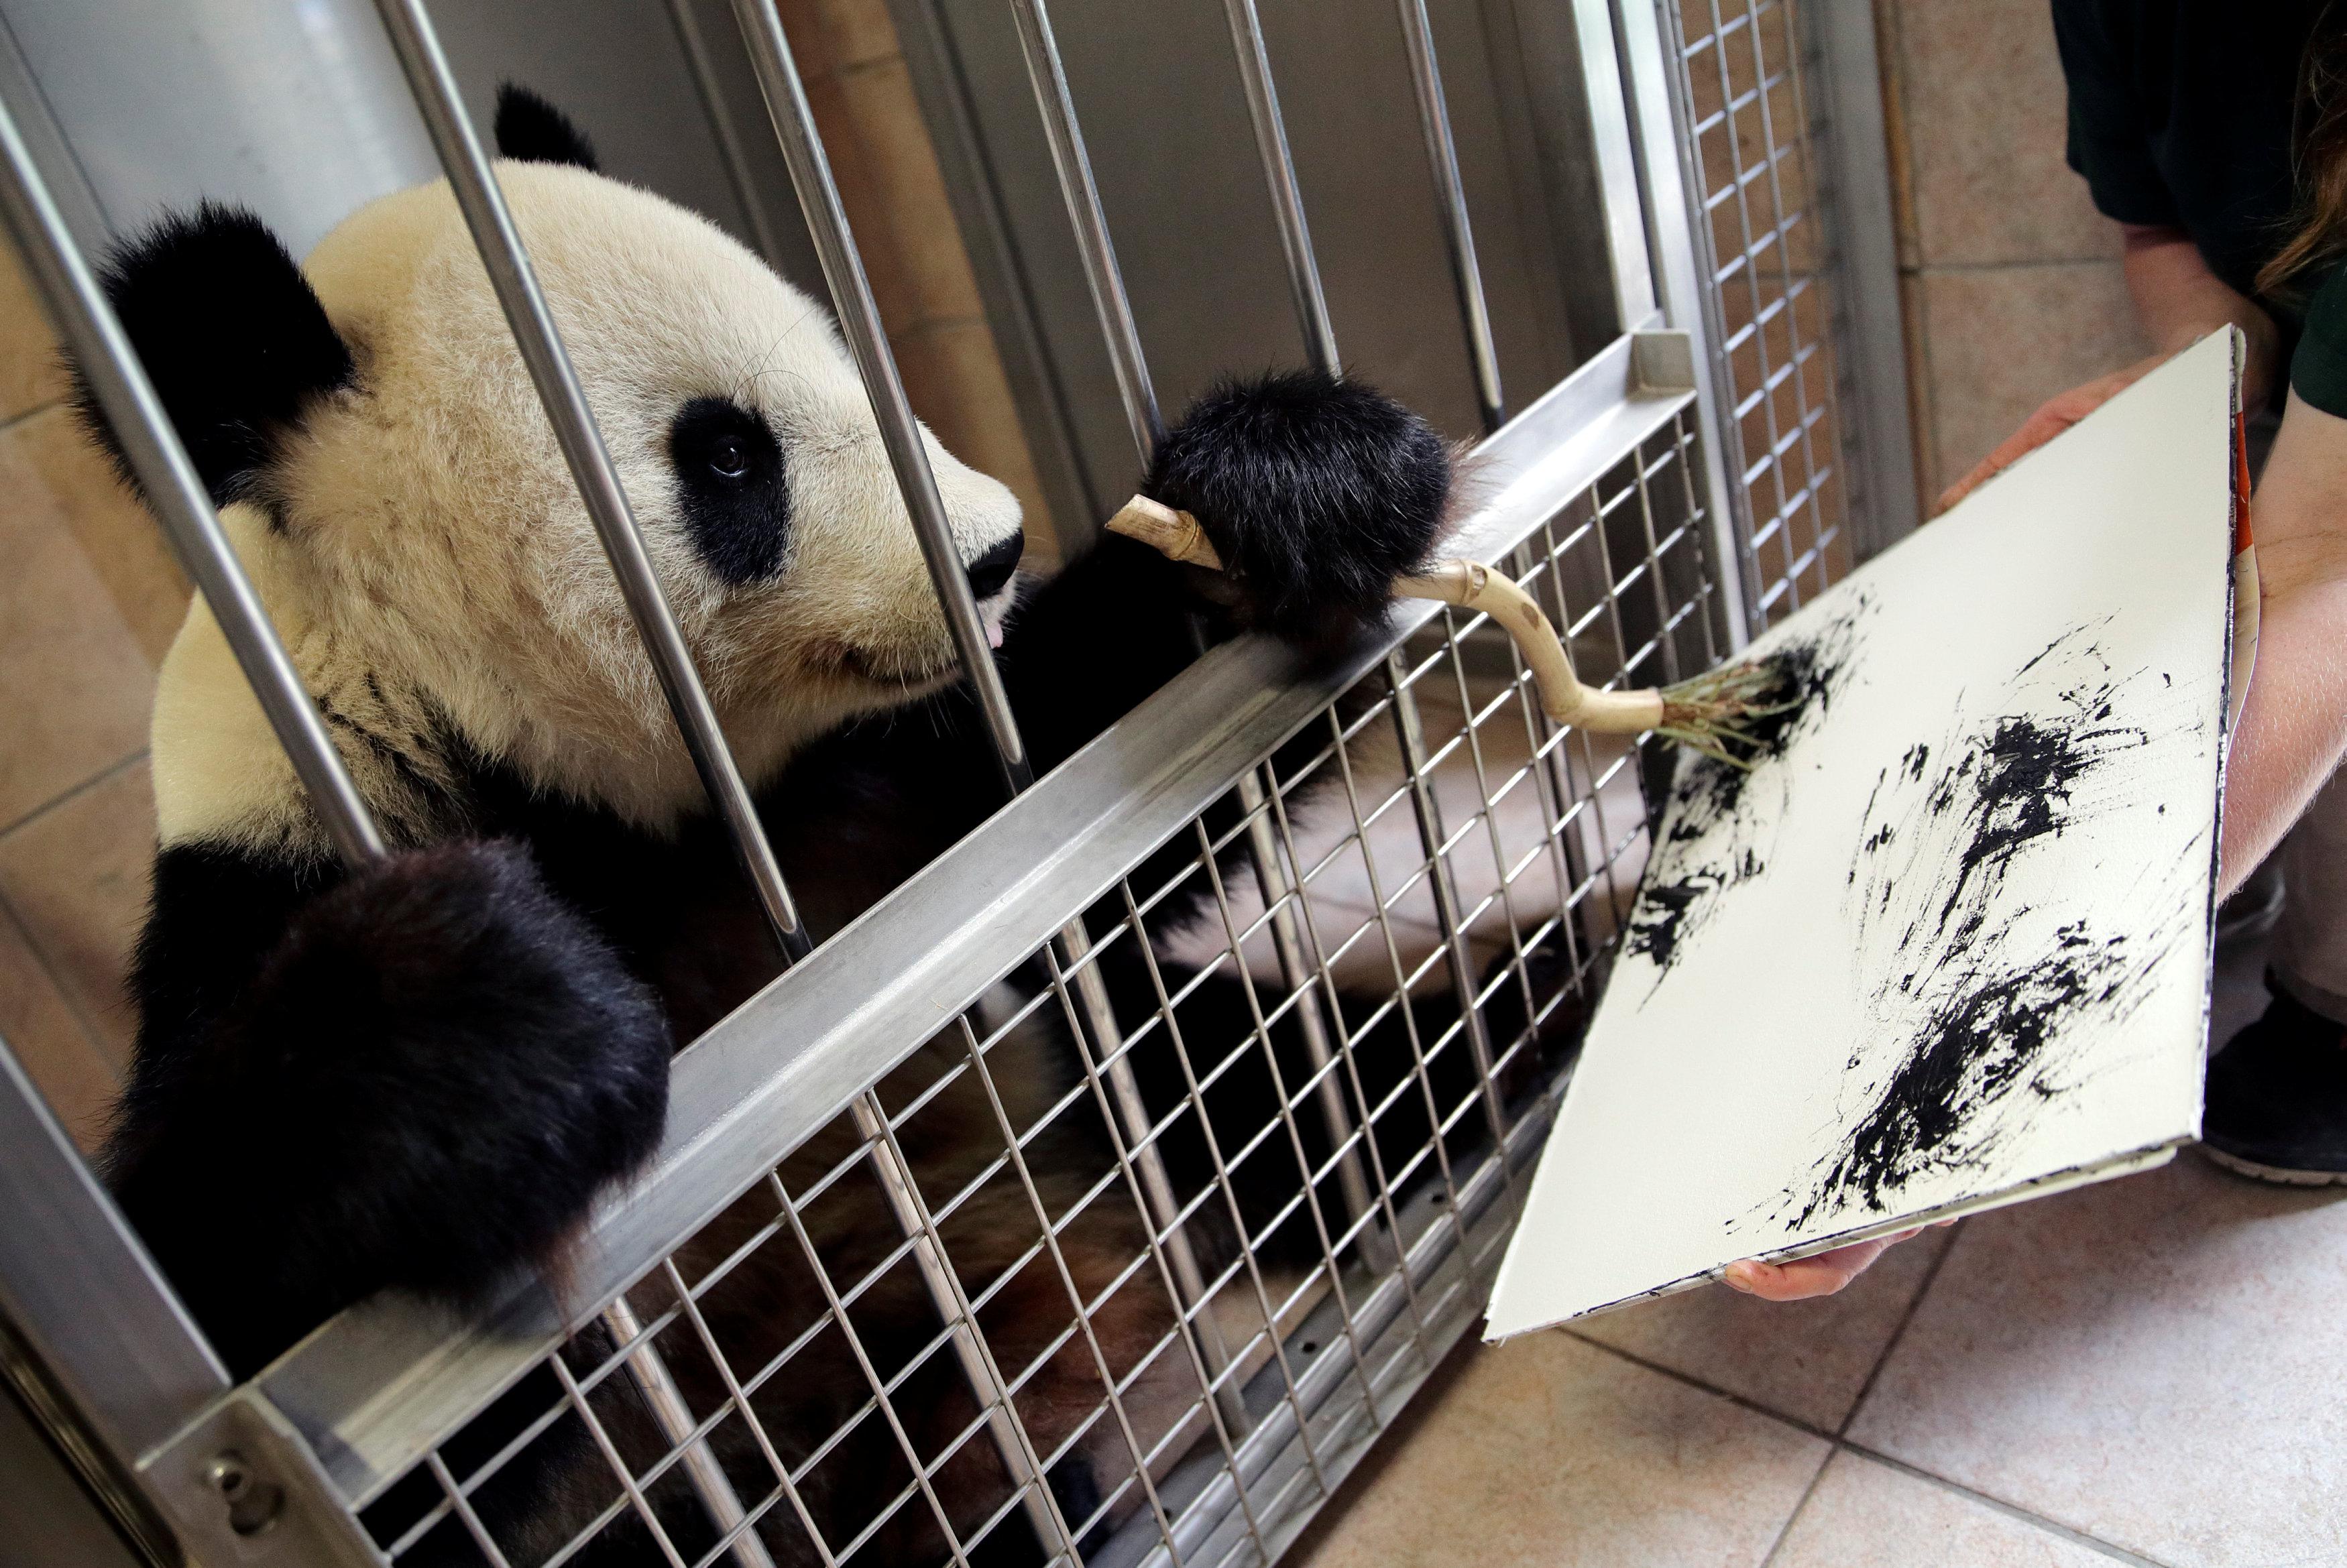 """动物界的绘画高手!大熊猫""""挥毫作画""""挣外快 每幅作品价值数千元"""